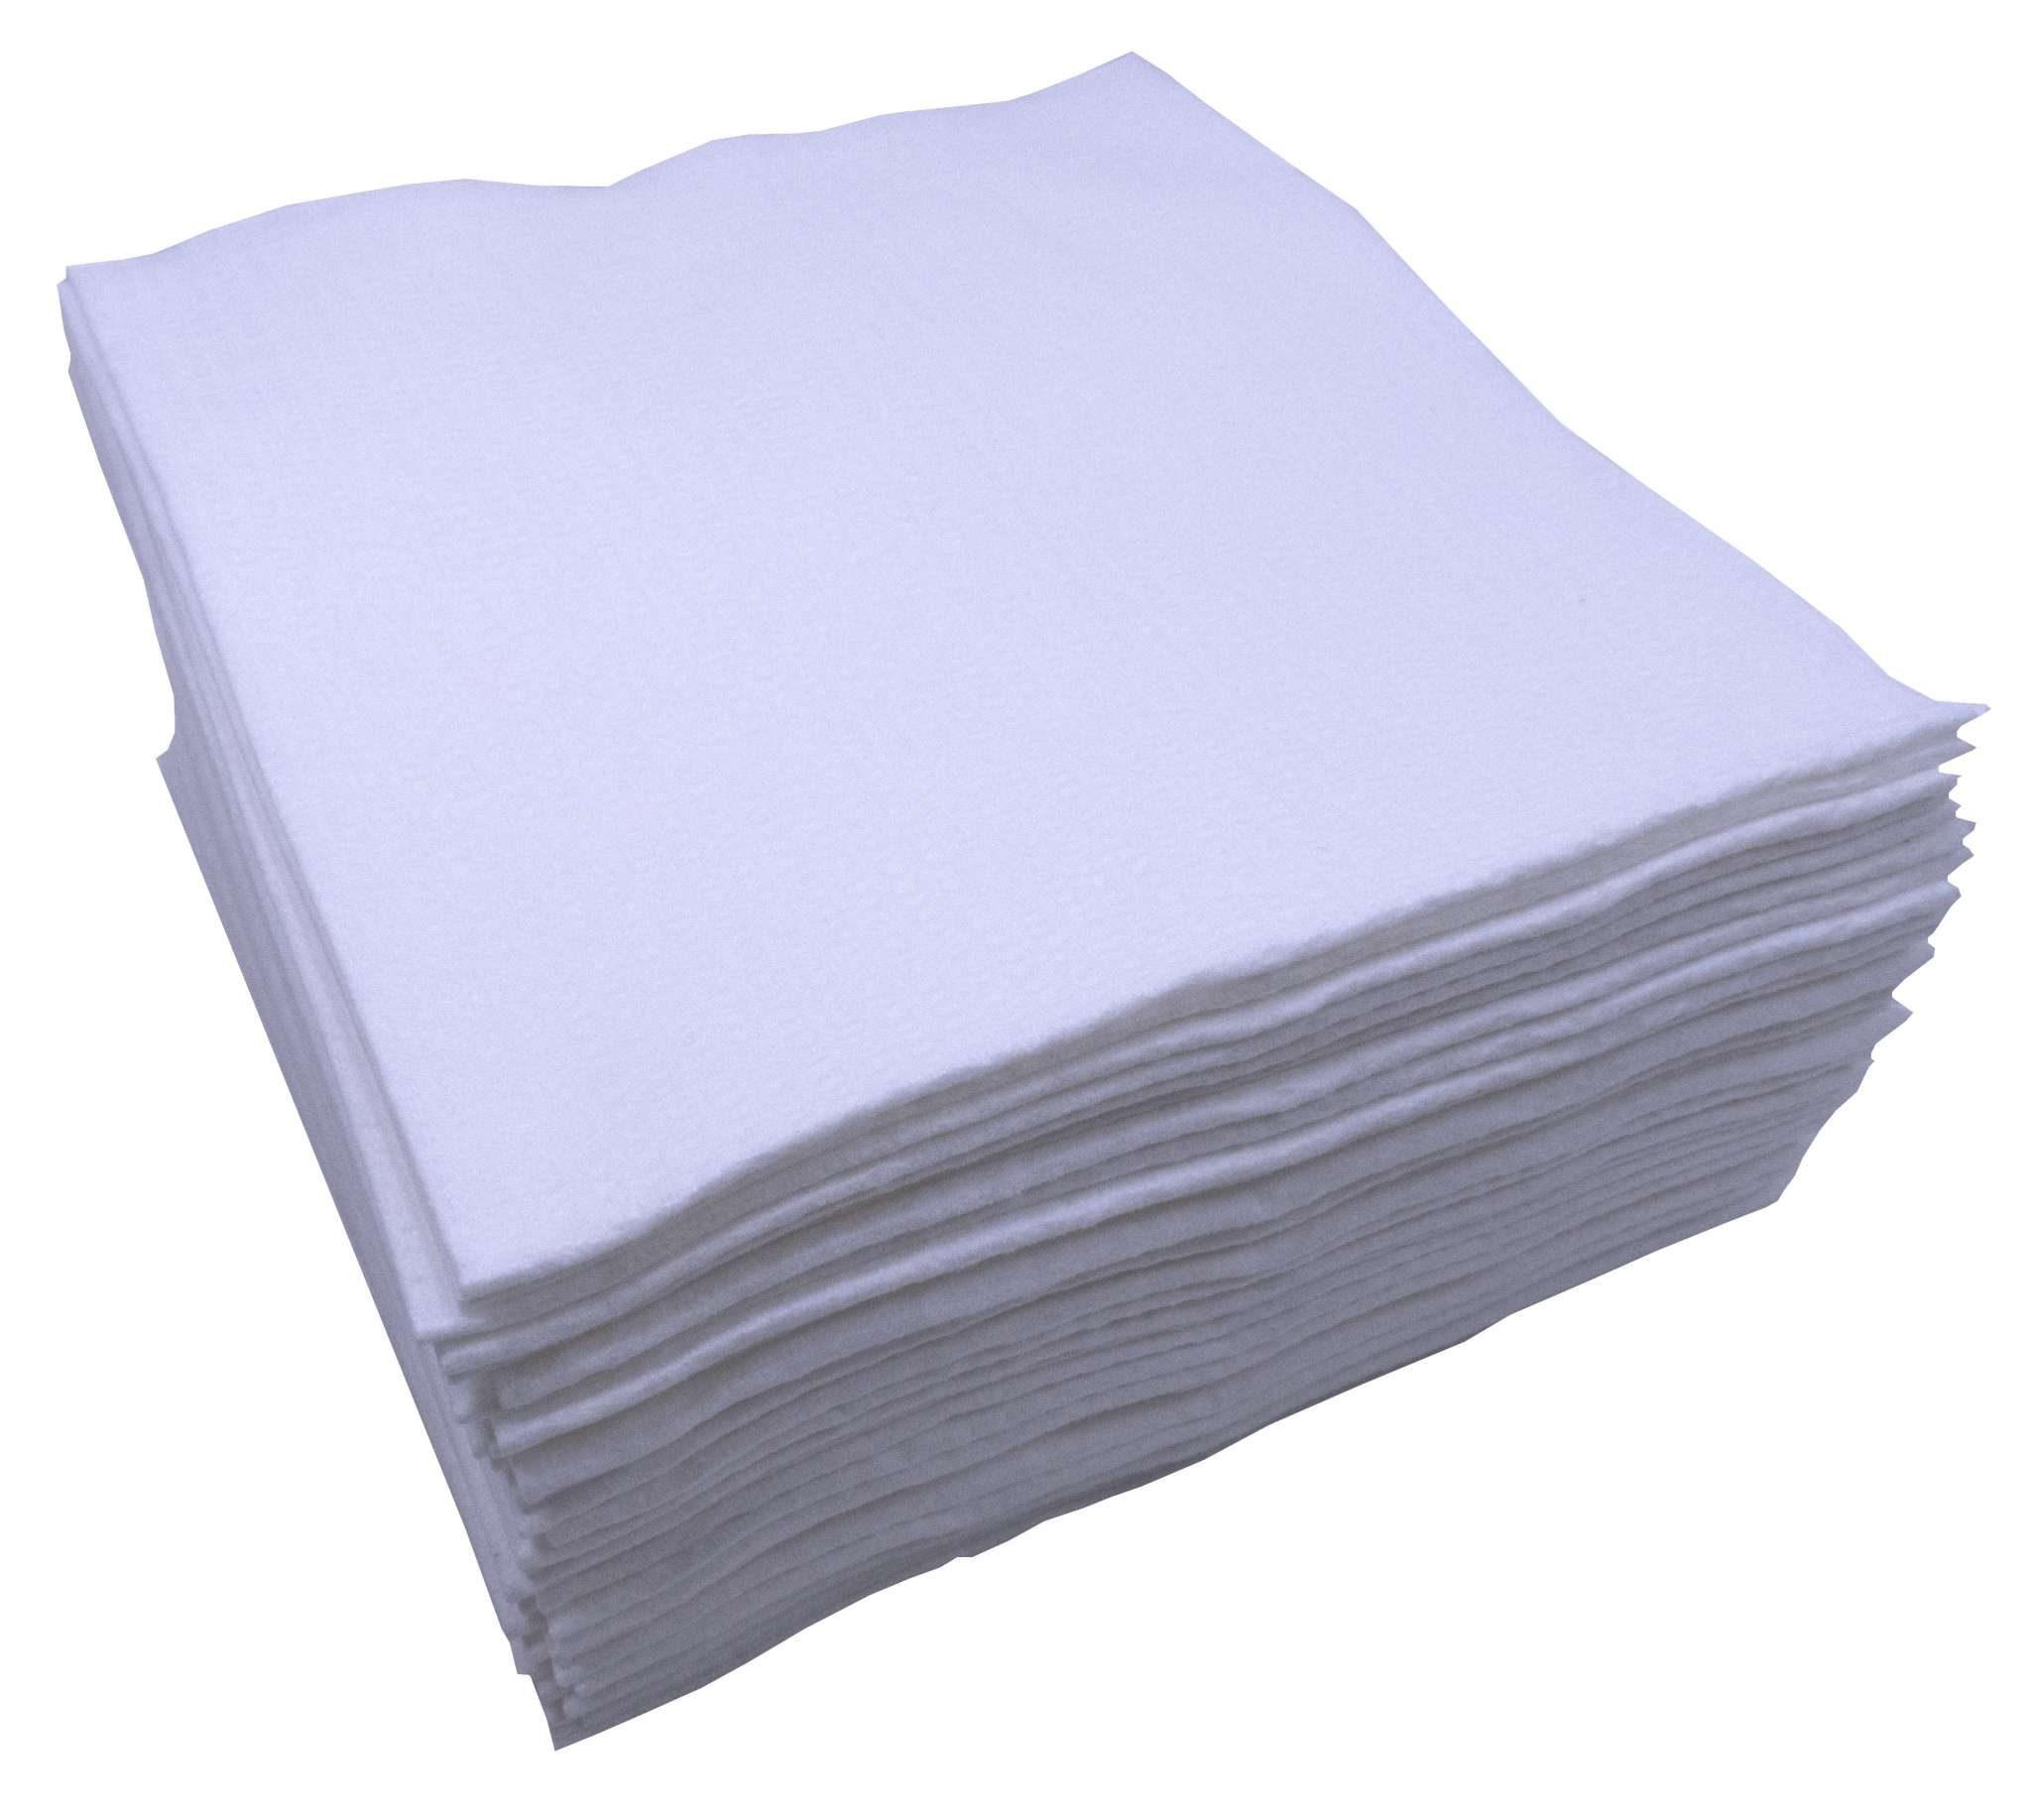 #08312 Sontex™ 1/4 Fold Bulk Packaging